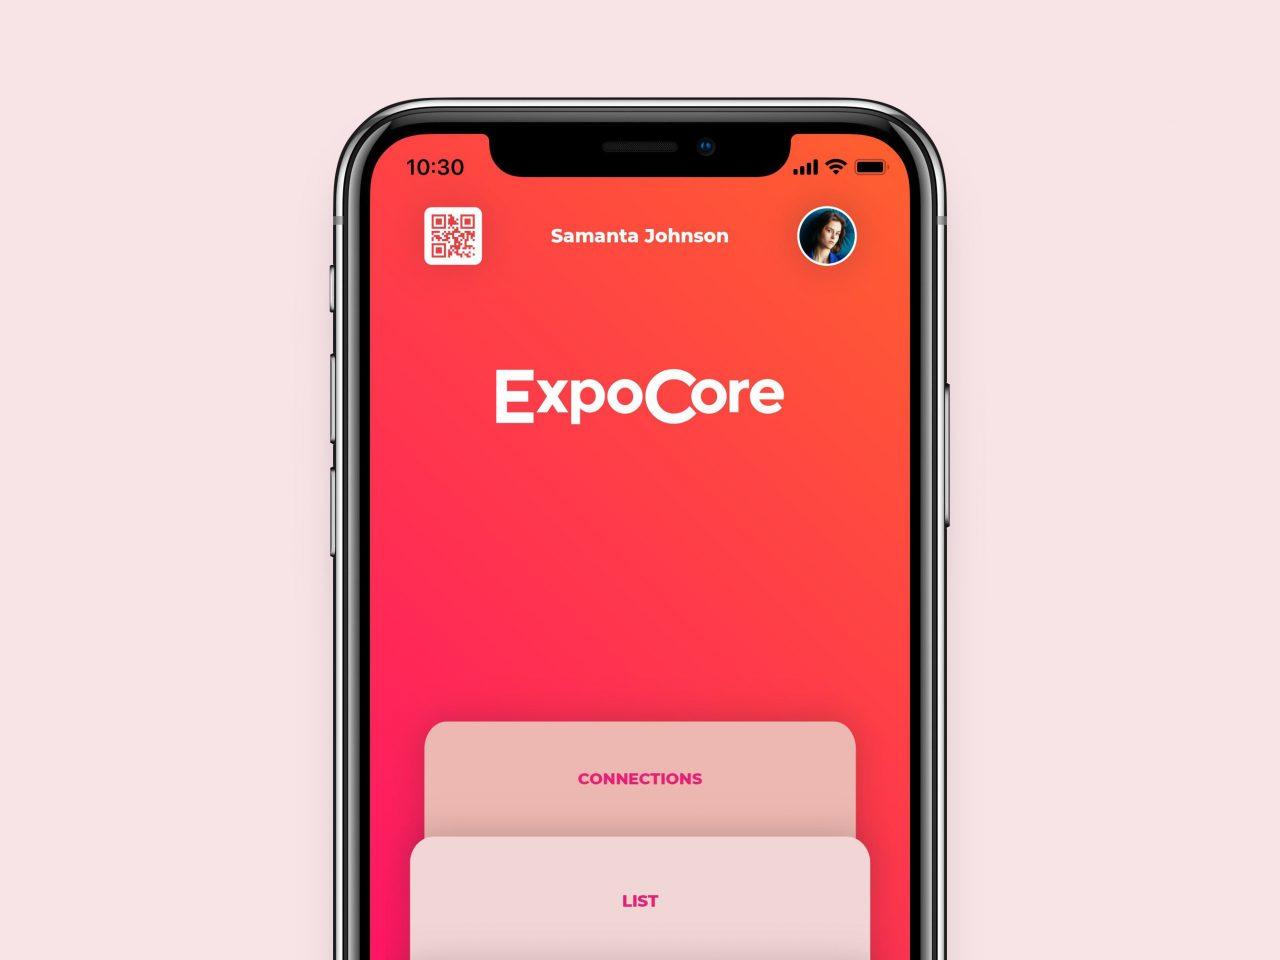 Expocore